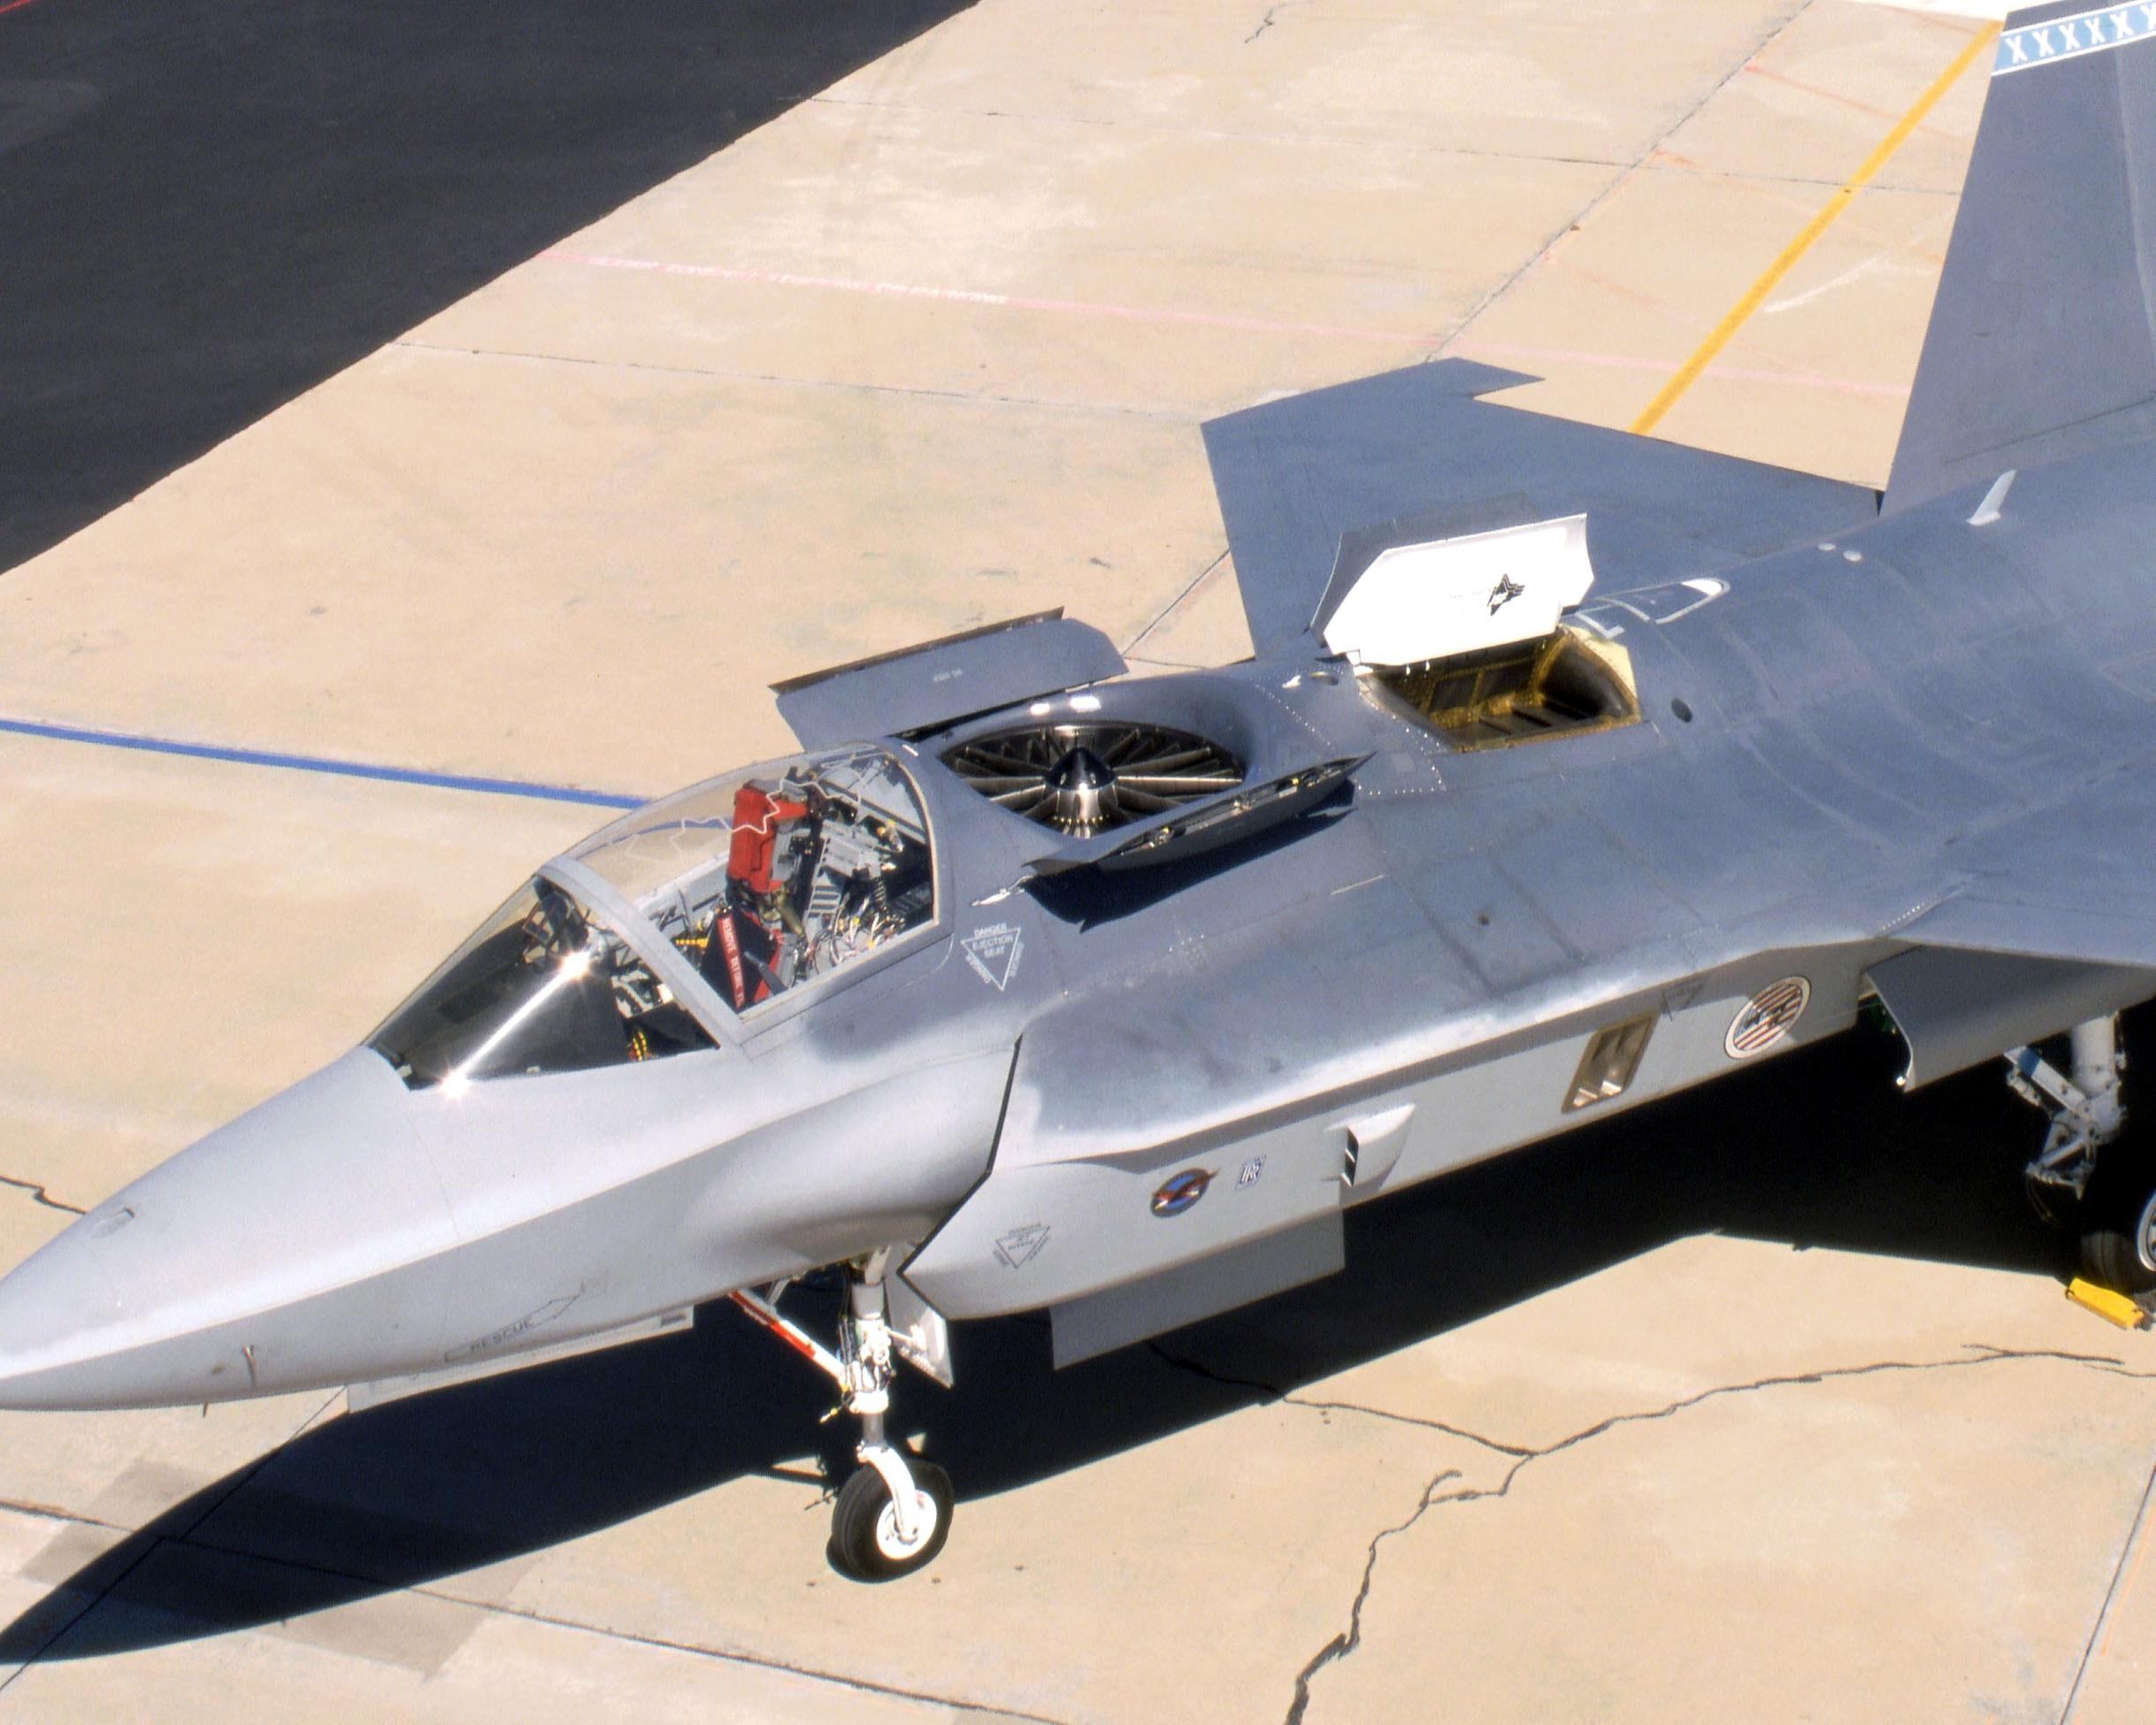 F-13 взлетает вертикально, садится тоже